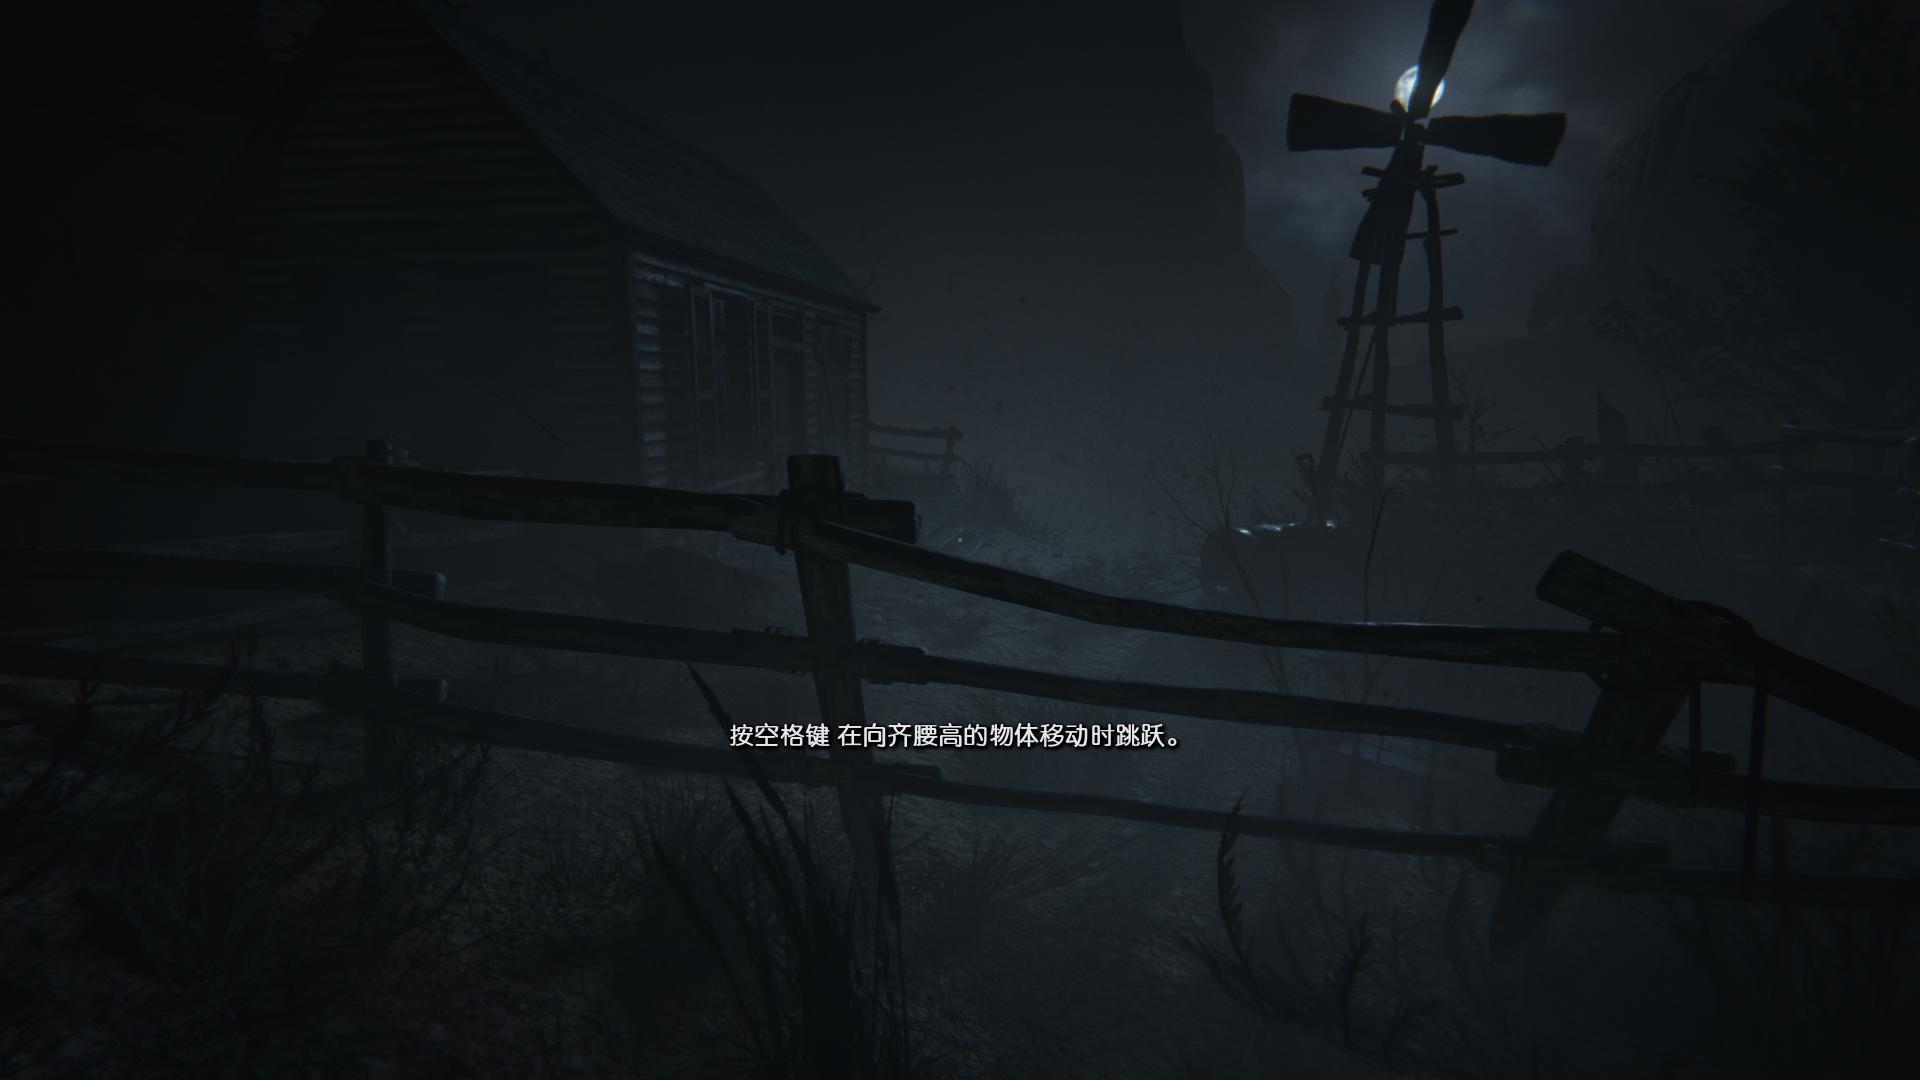 逃生2(Outlast 2)免安装中文绿色版|DLC|升级档|网盘下载